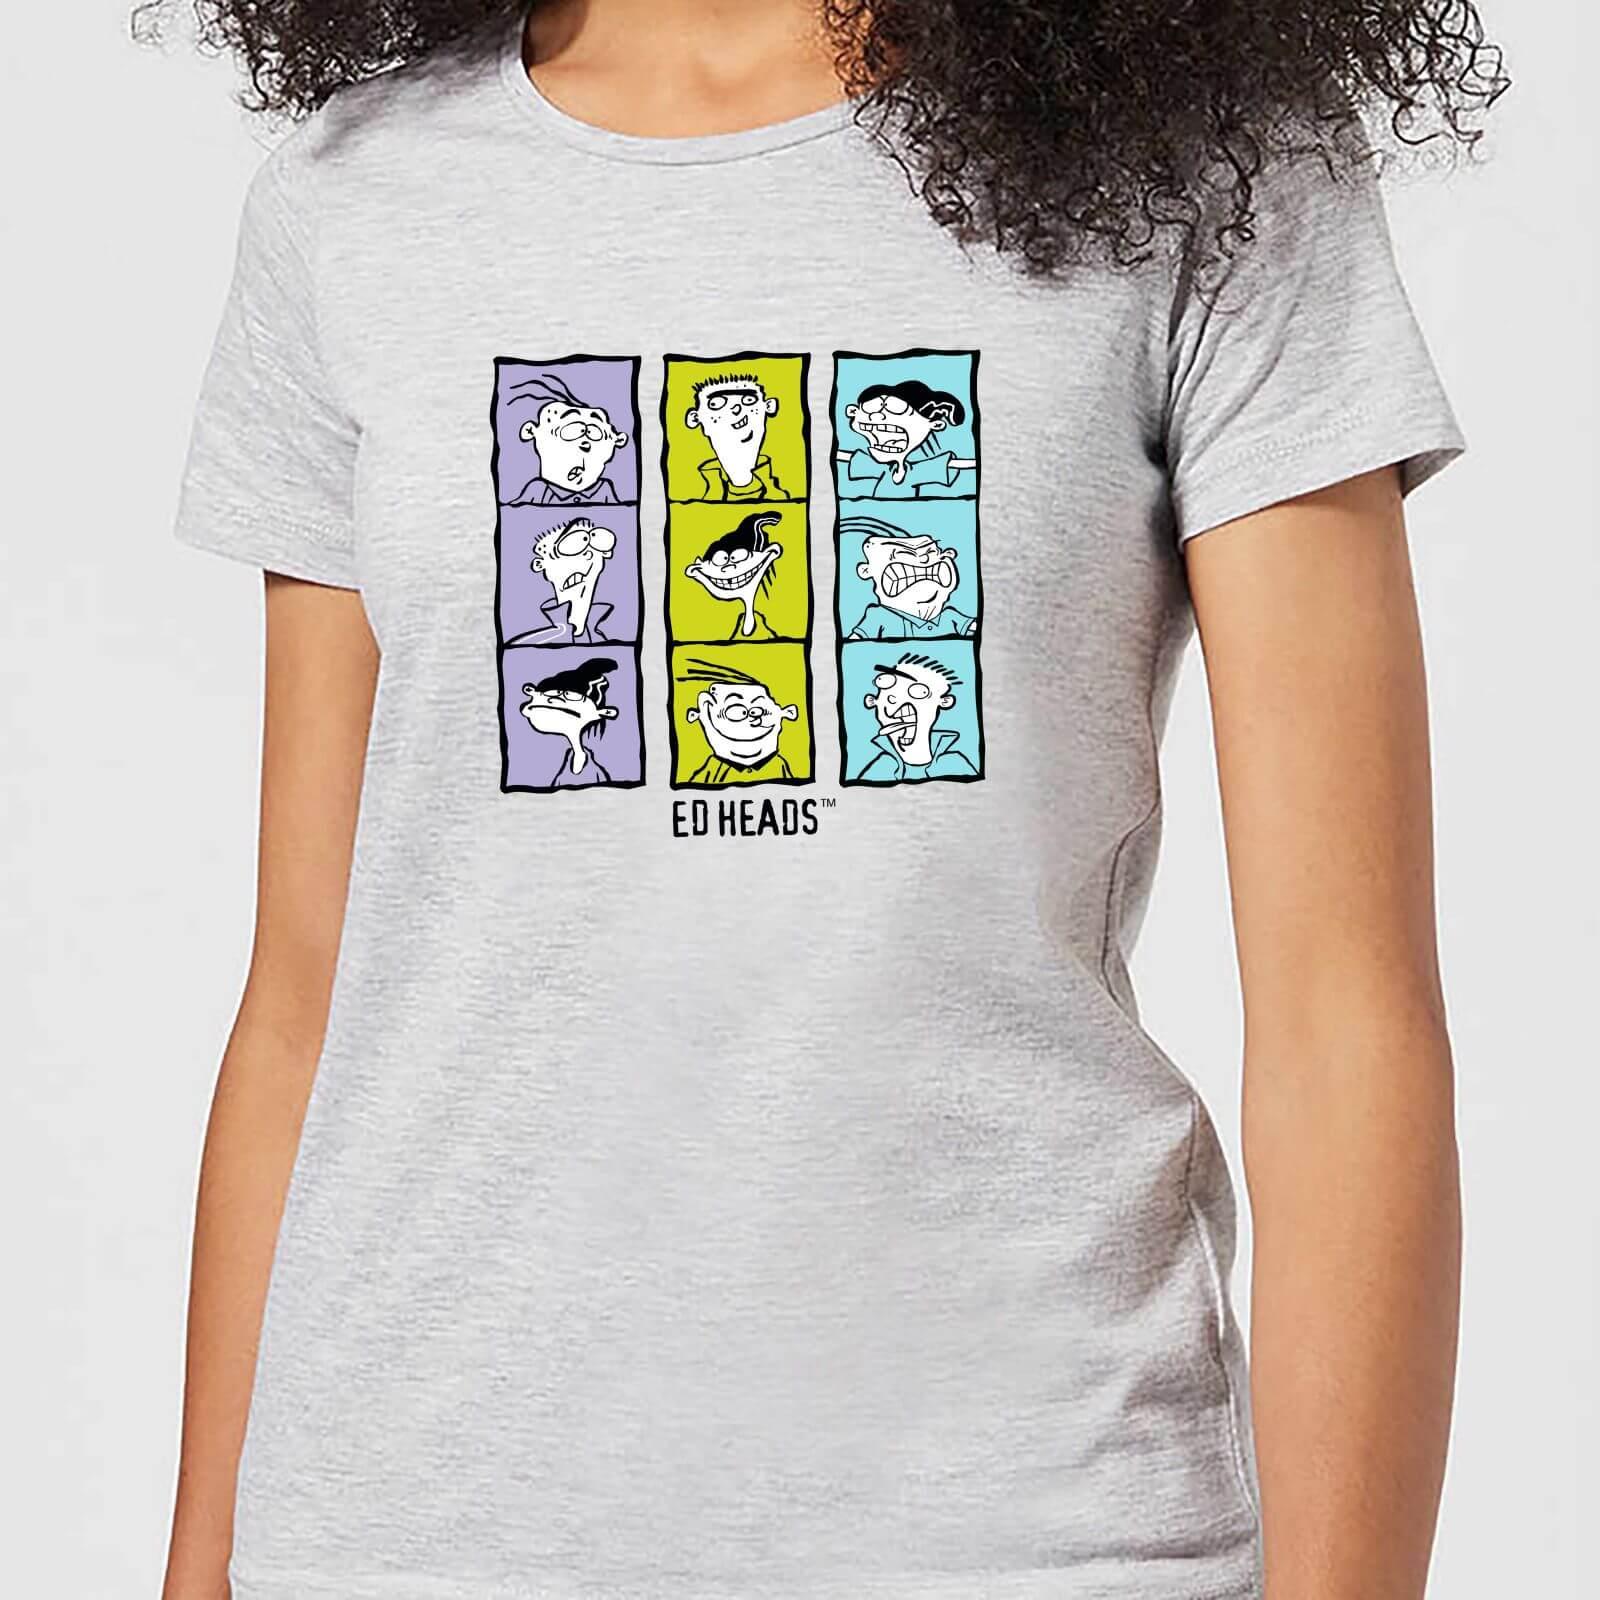 Cartoon Network Ed, Edd n Eddy Heads Women's T-Shirt - Grey - XL - Grey